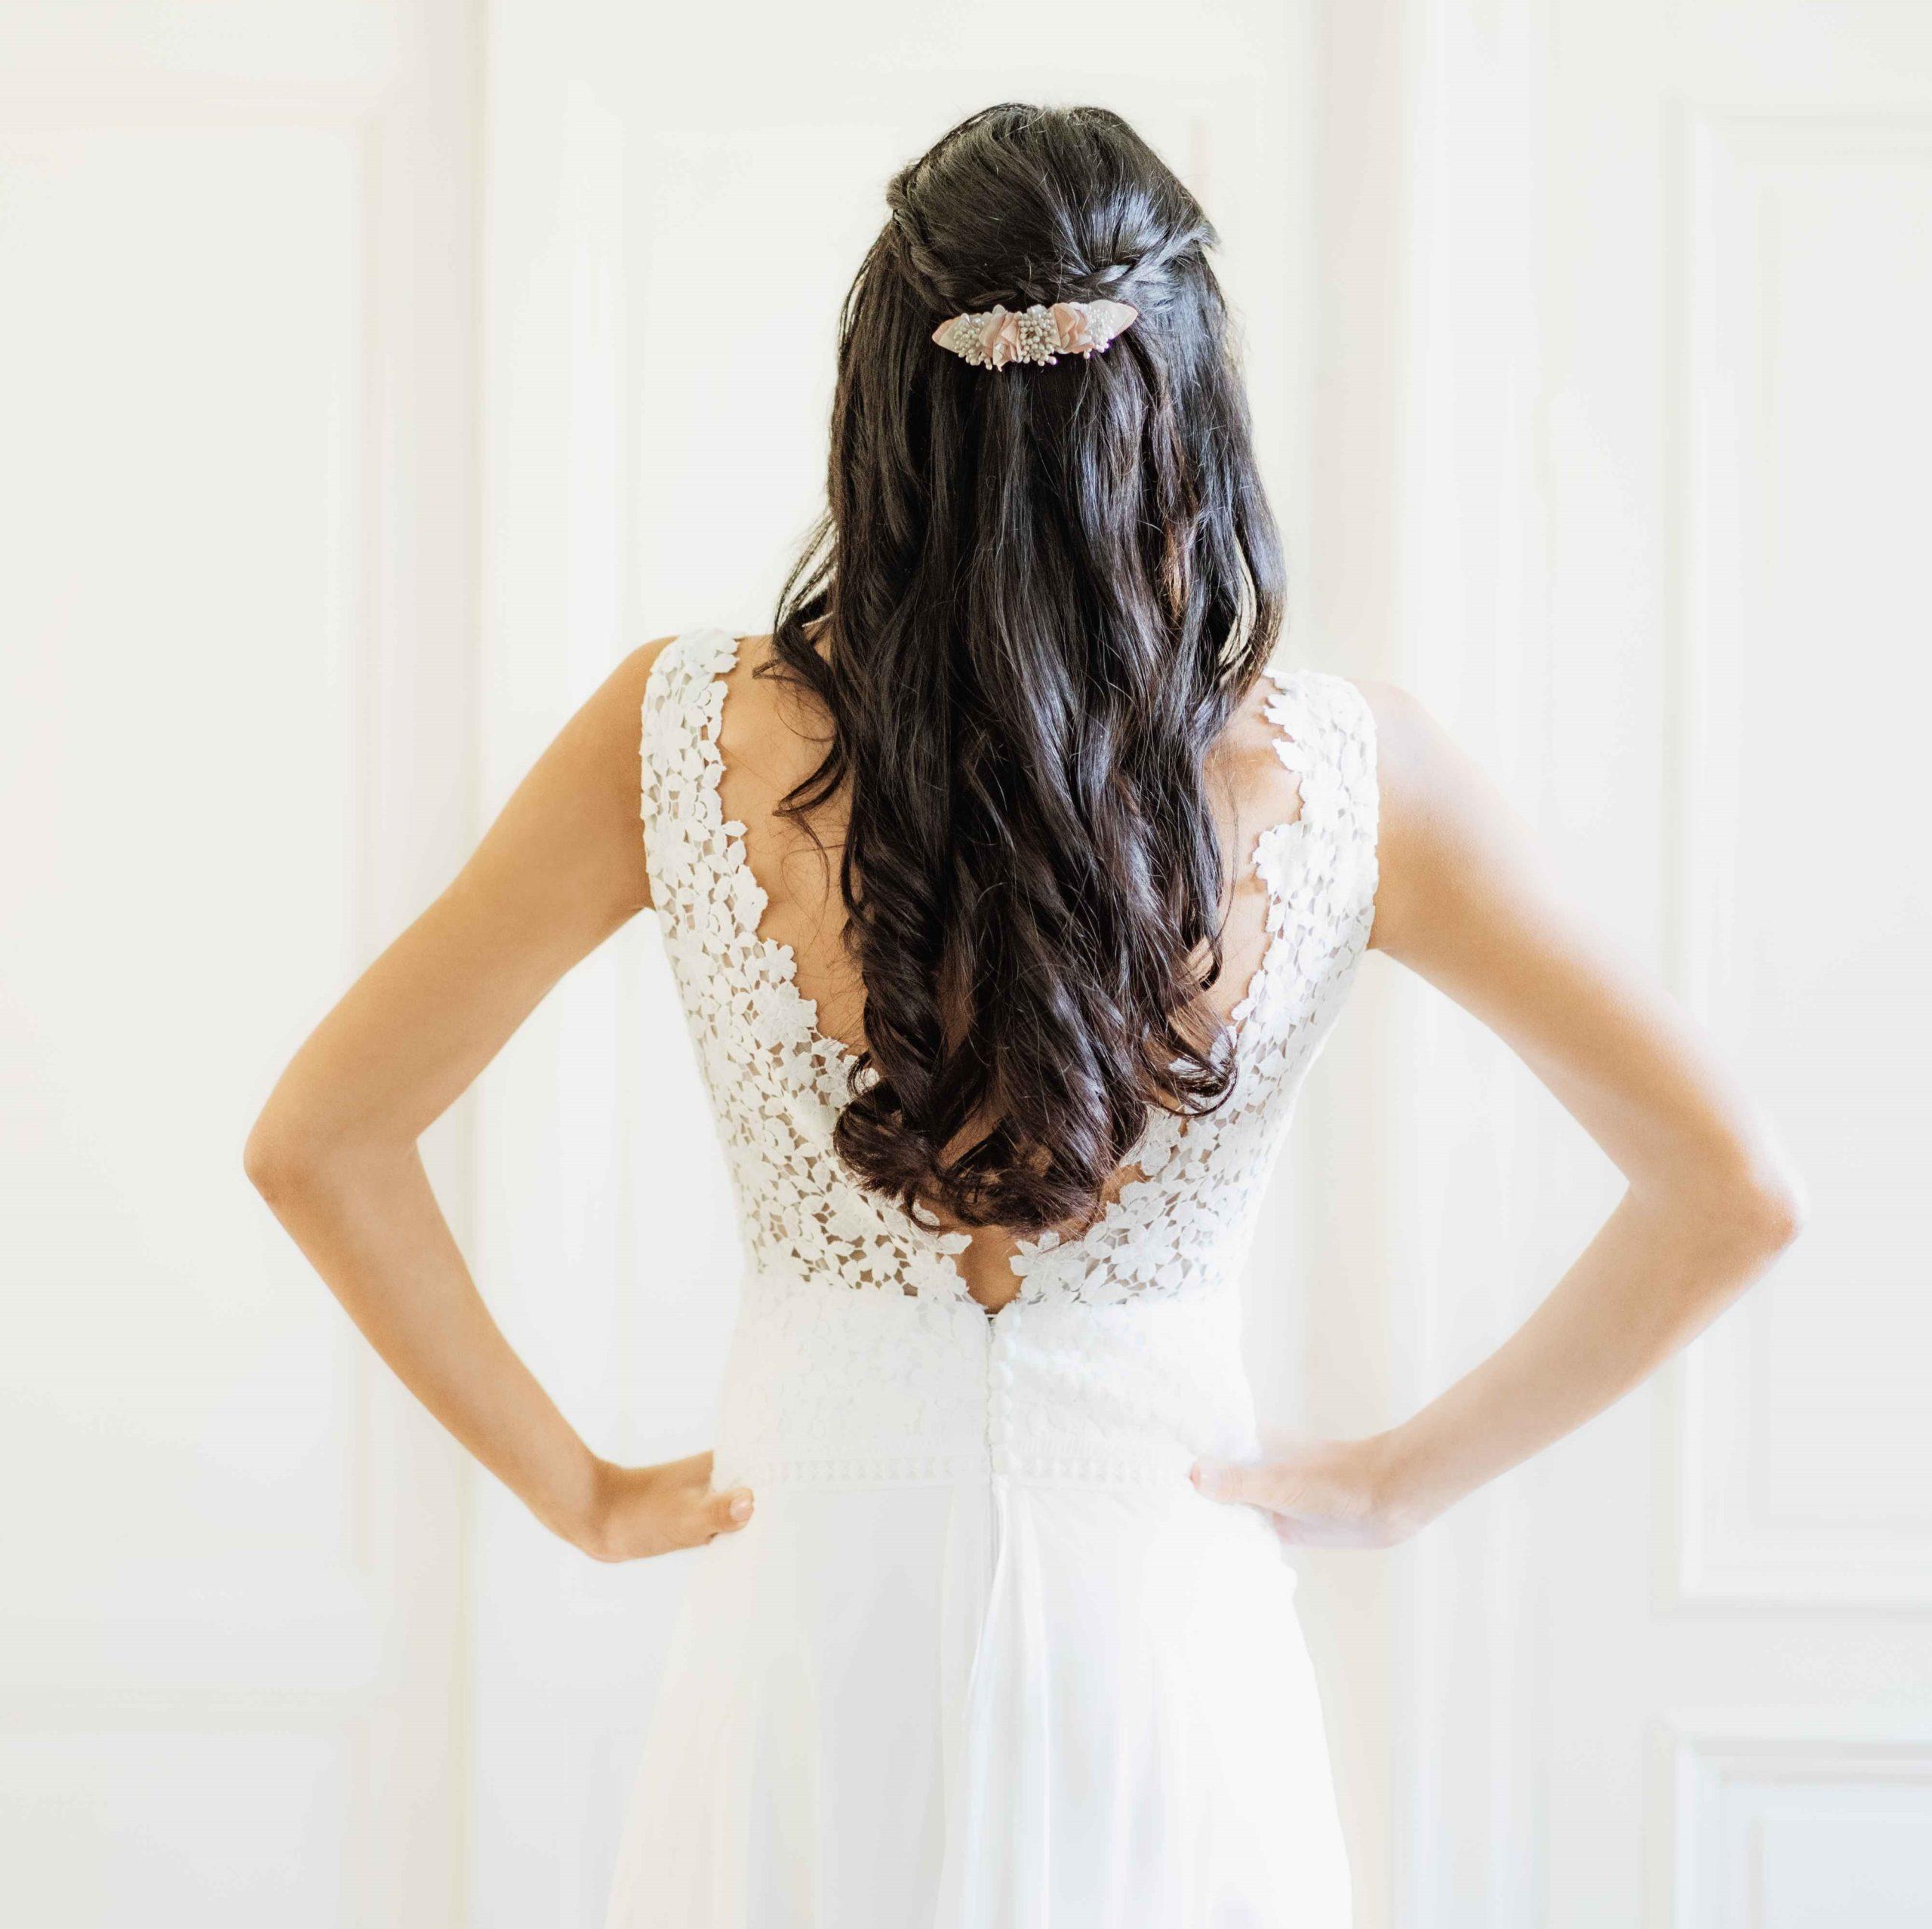 Barrette Solène 3 Alice Marty - Couture florale Accessoires Mariage